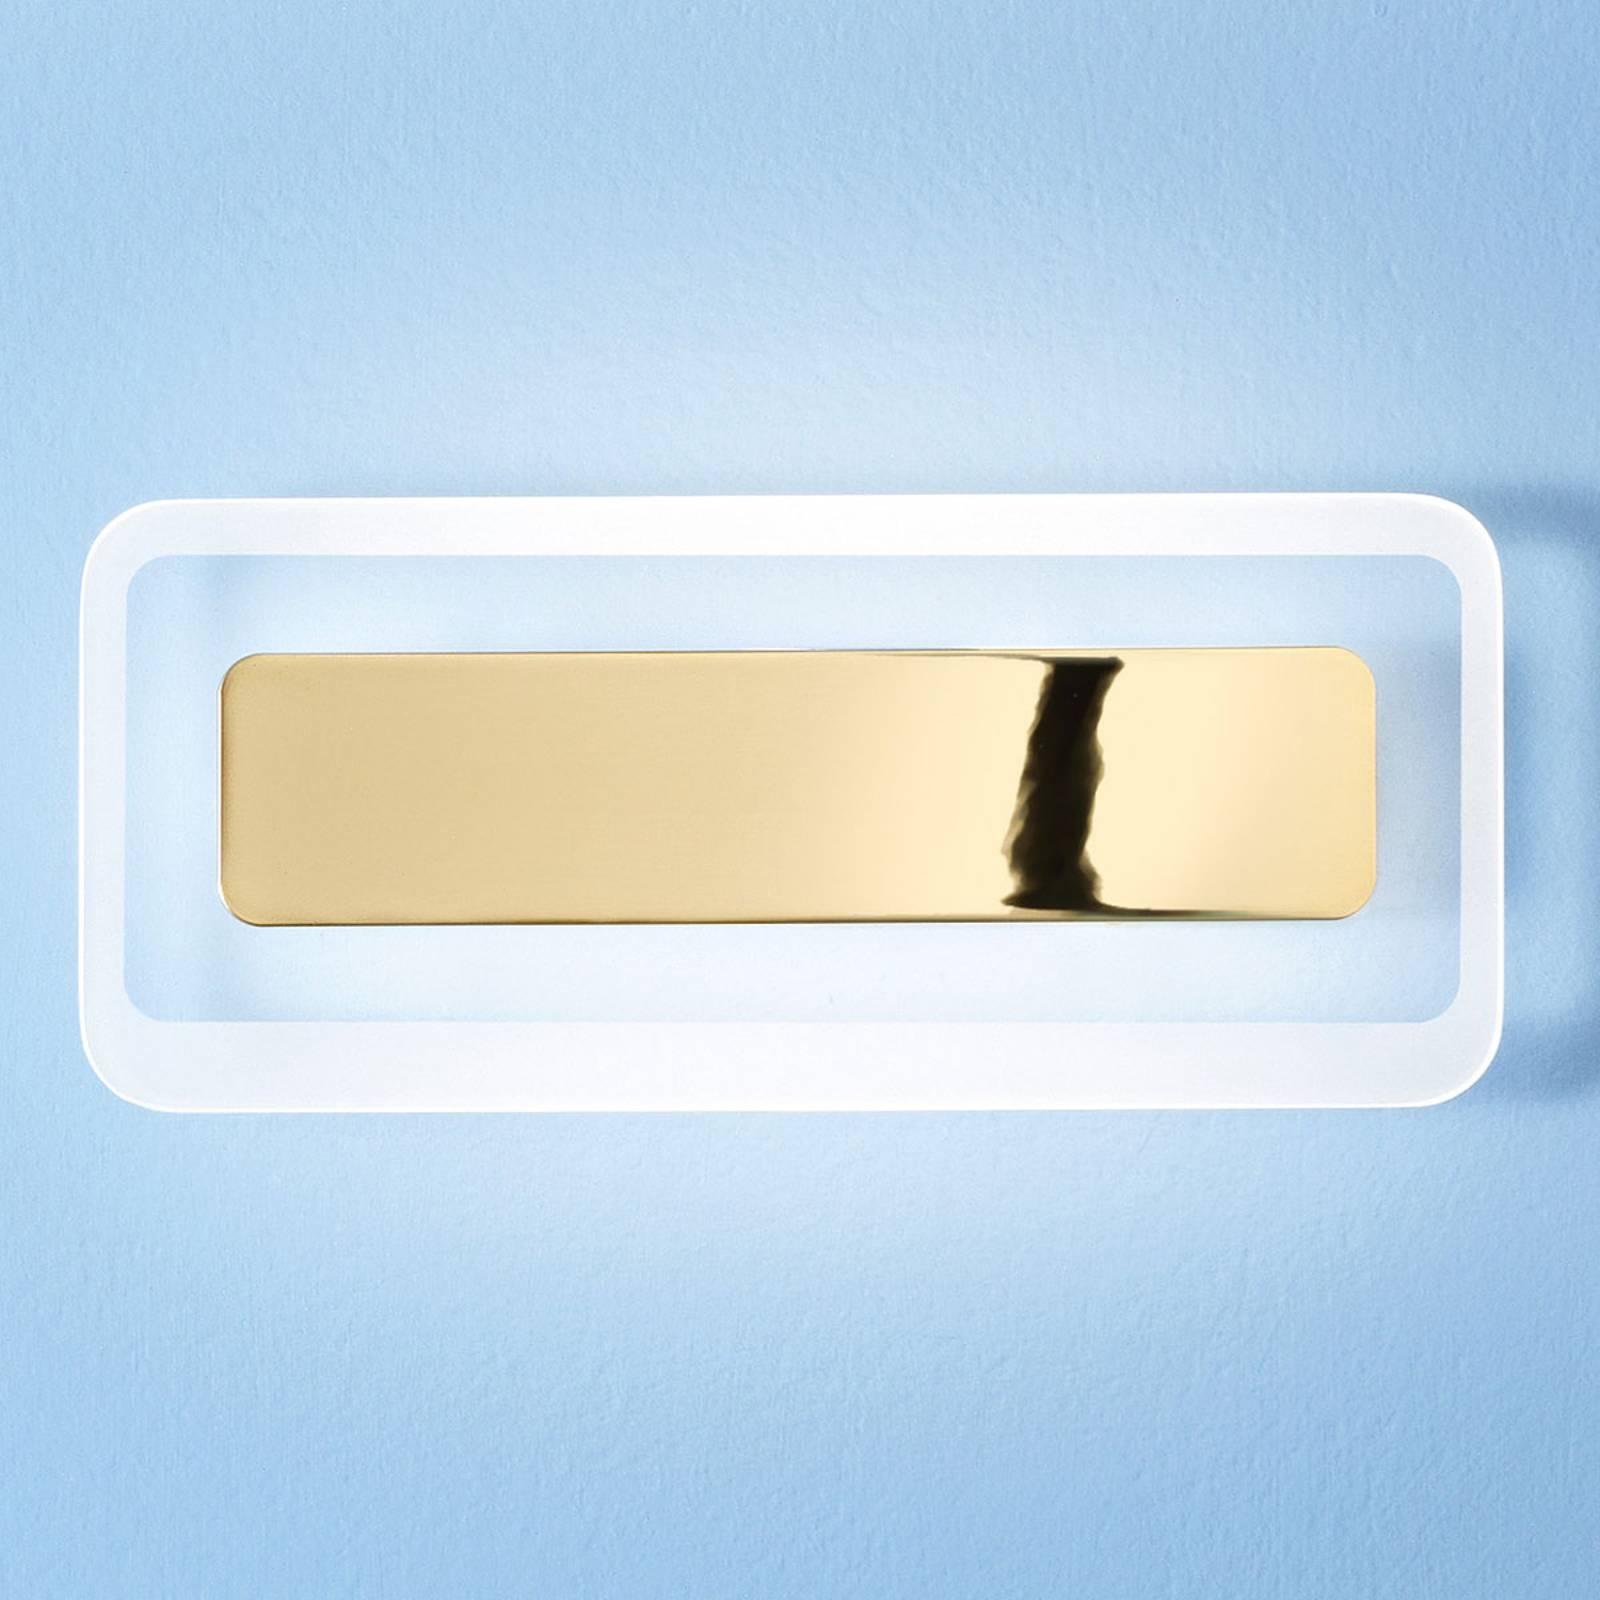 LED-seinävalaisin Antille, kulta, 31,4 cm